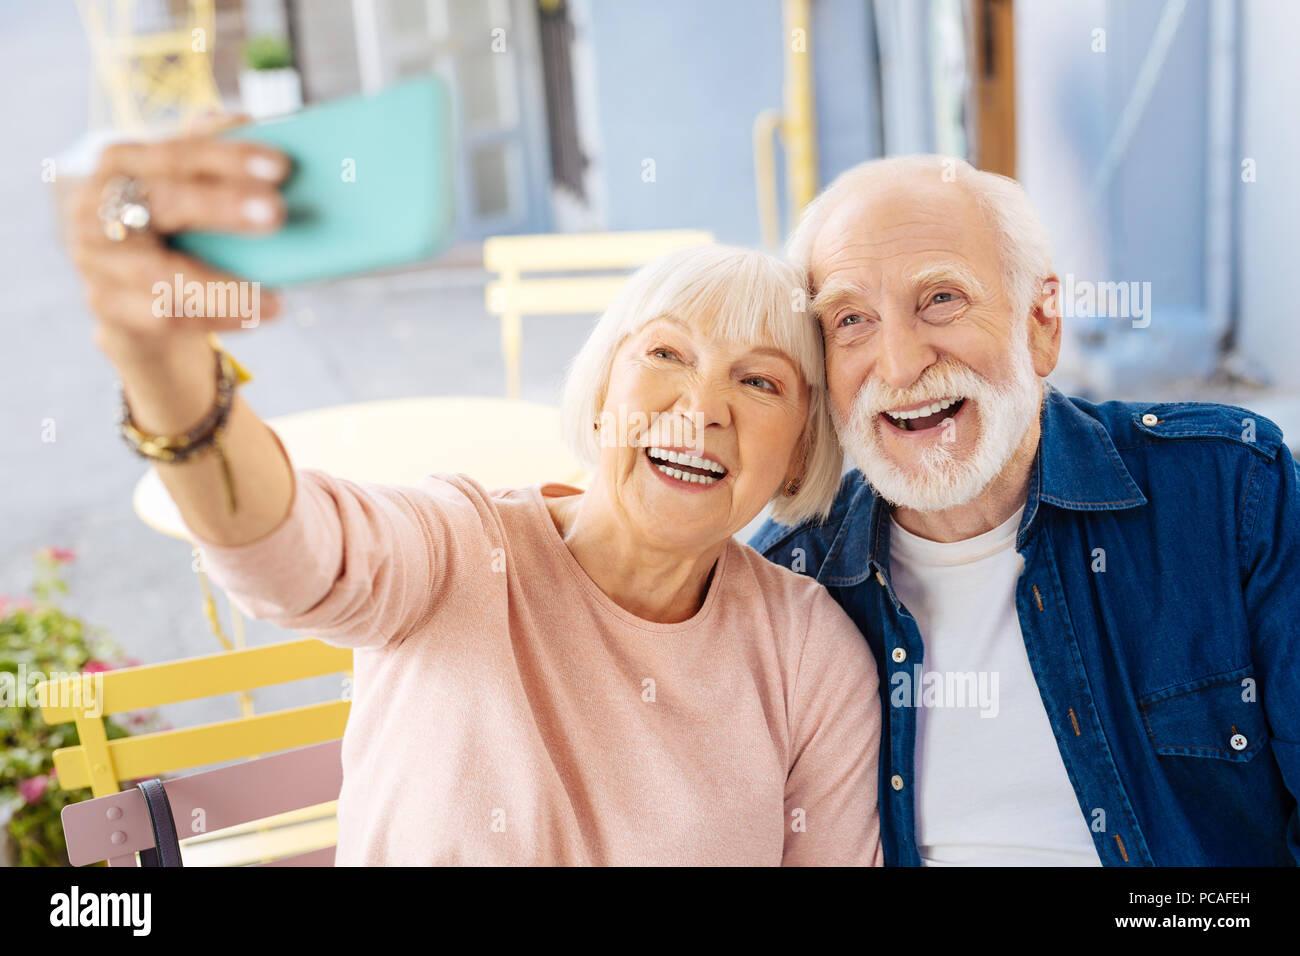 Las parejas ancianas teniendo selfie positivo Imagen De Stock